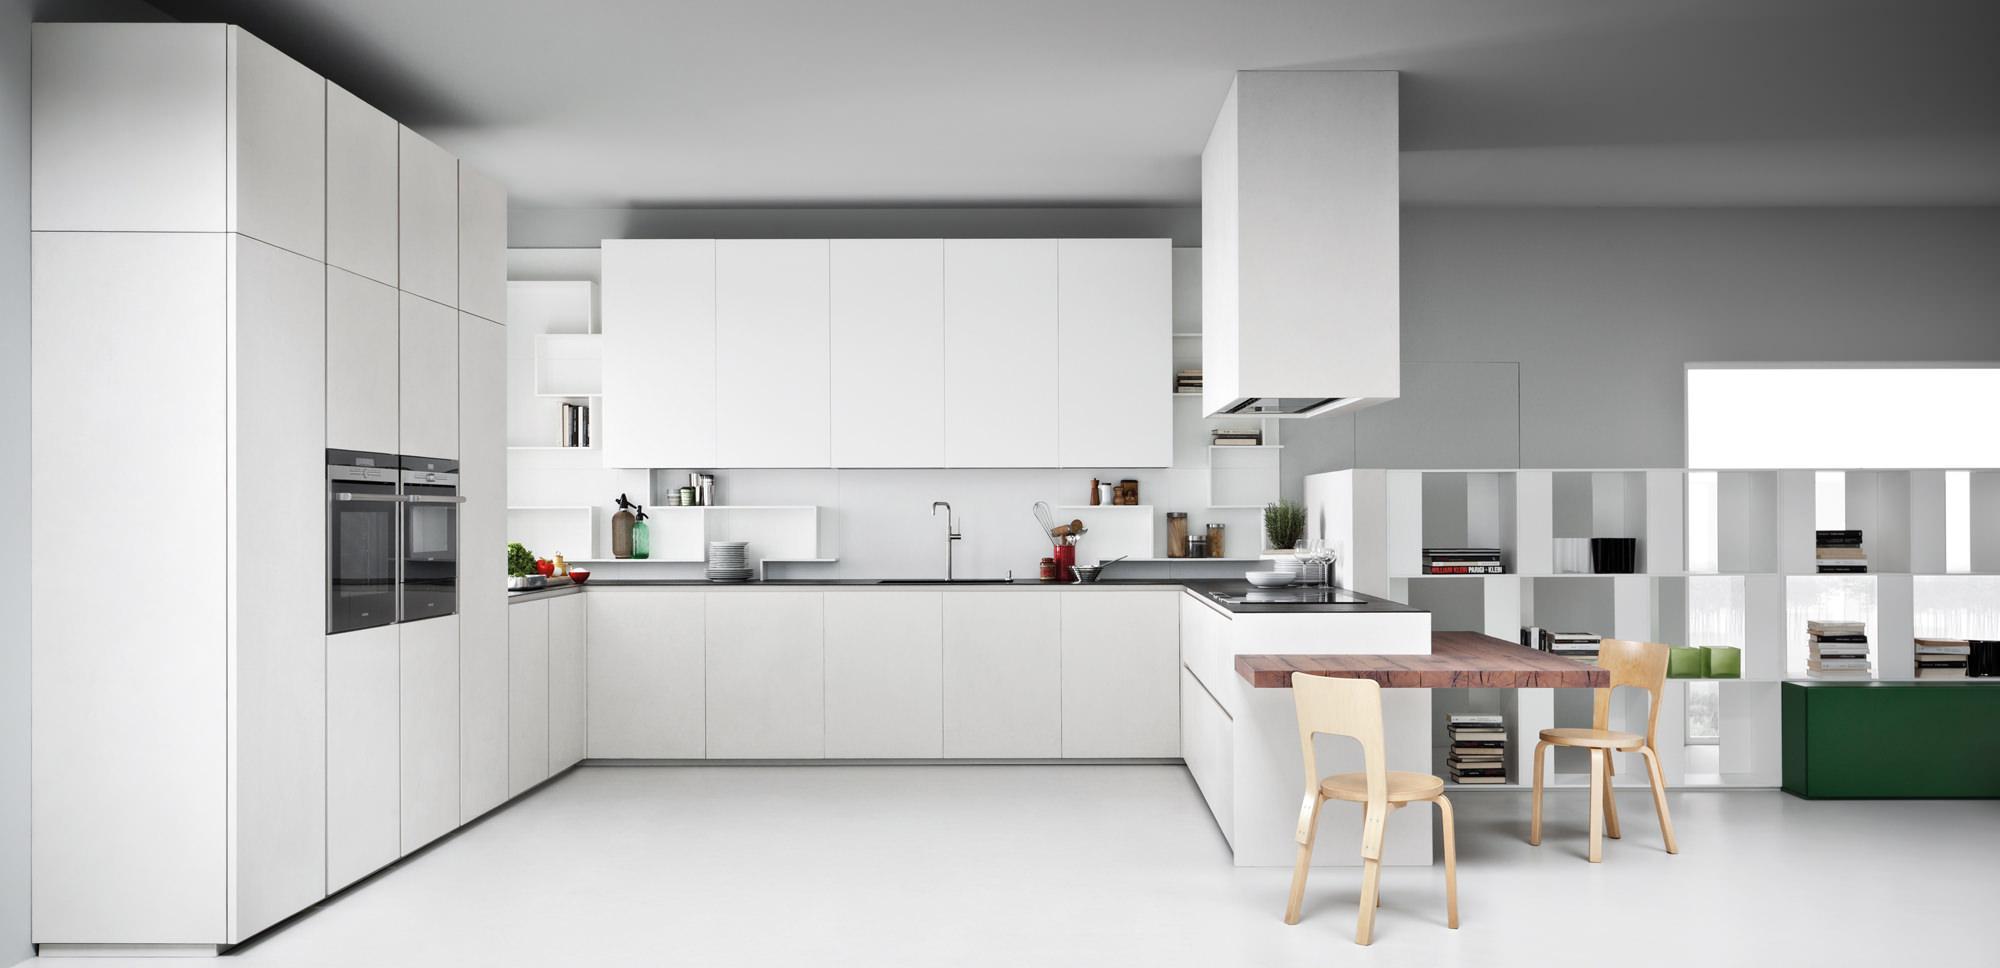 Arredare la cucina quale stile scegliere arredobene for Complementi arredo cucina